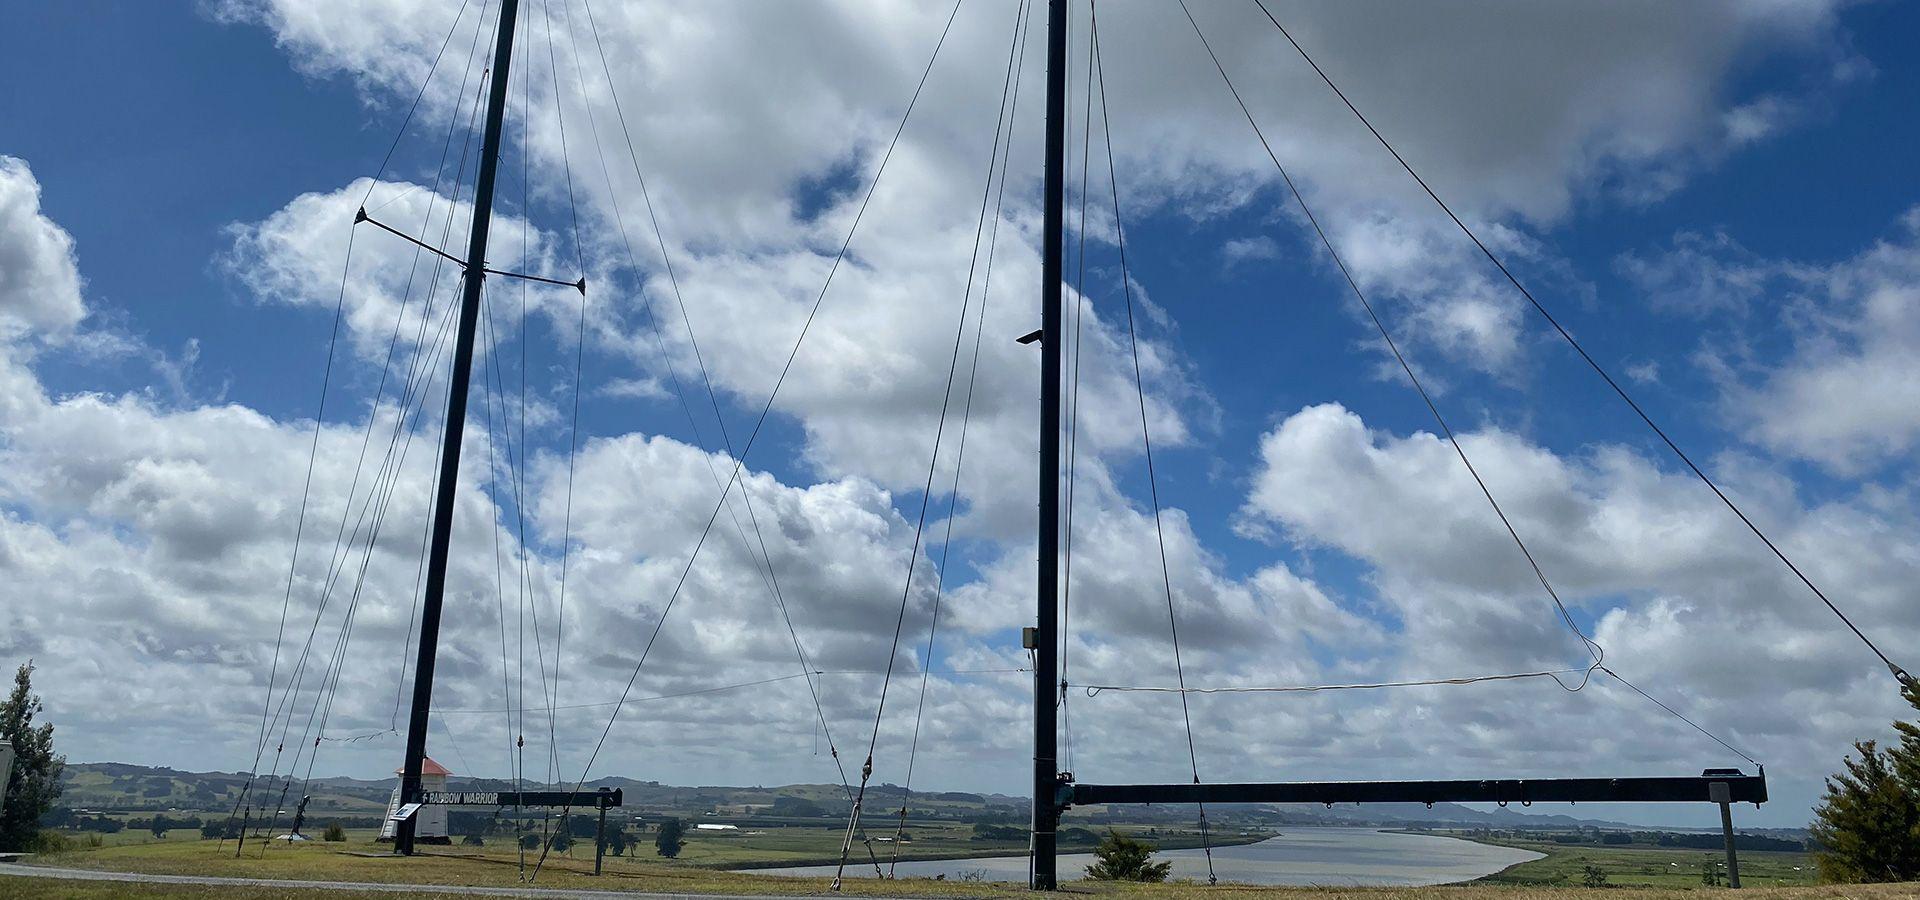 Rainbow Warrior masts